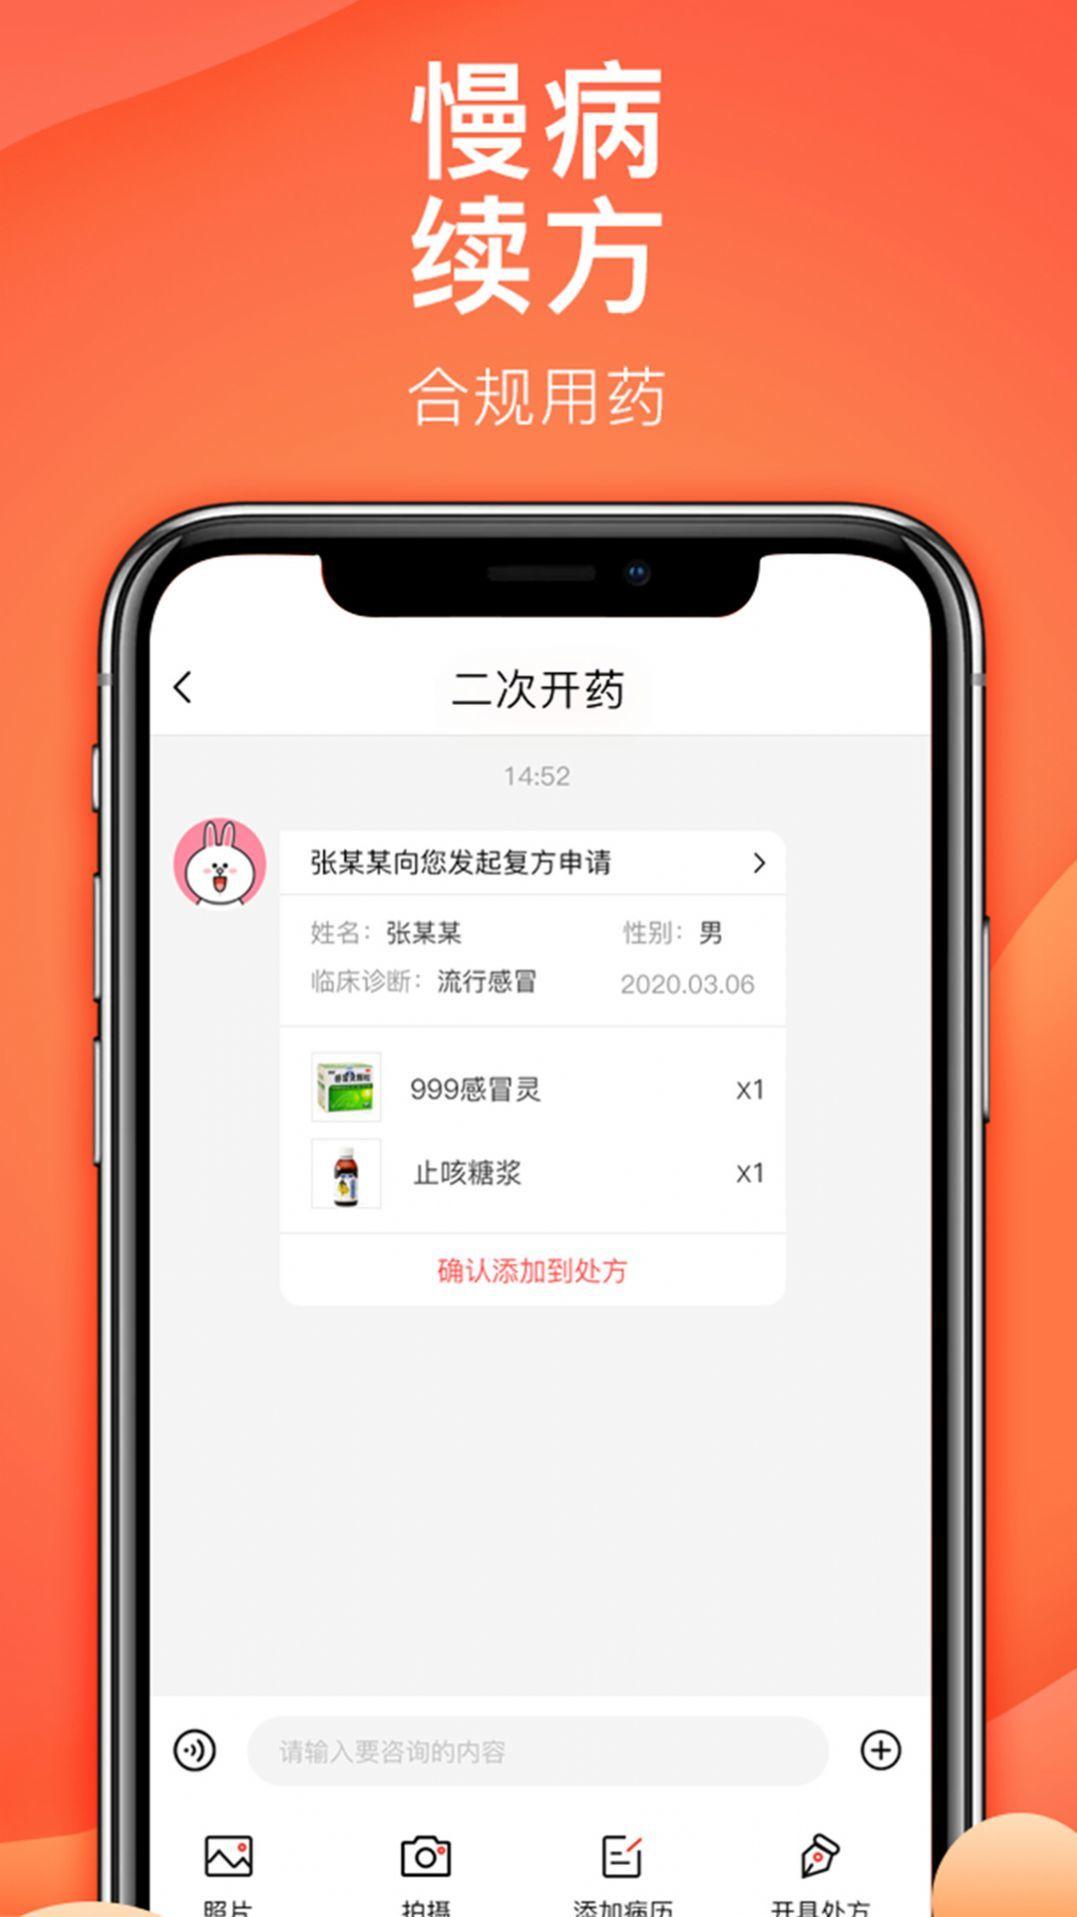 石榴云诊App客户端图片1